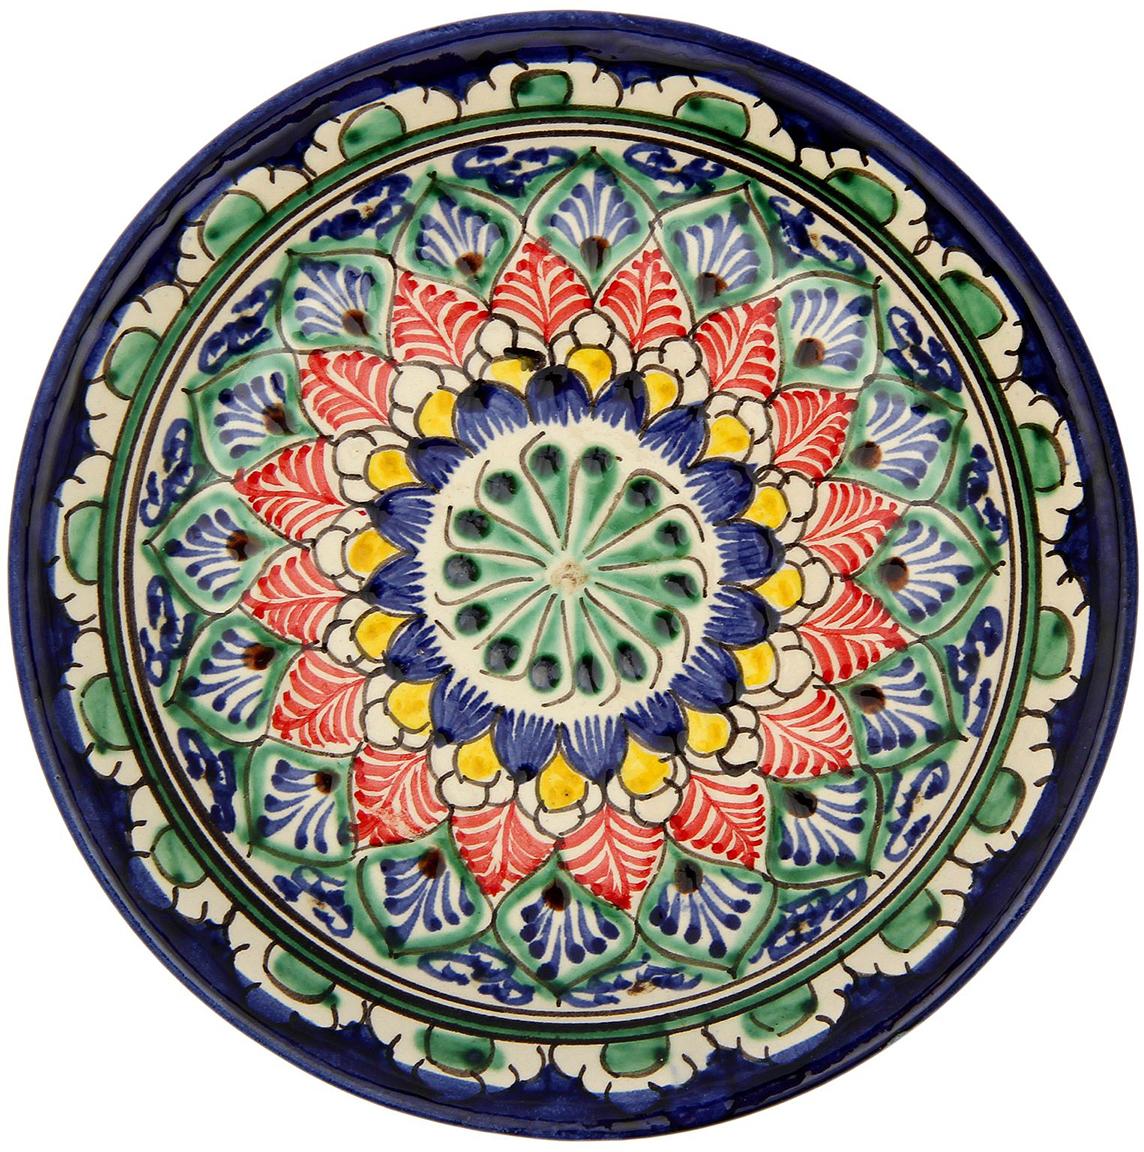 Тарелка Риштанская керамика, диаметр 15 см. 21387072138707Узбекская посуда известна всему миру уже более тысячи лет. Ей любовались царские особы, на ней подавали еду шейхам и знатным персонам. Формула глазури передаётся из поколения в поколение. По сей день качественные изделия продолжают восхищать своей идеальной формой.Данный предмет подойдёт для повседневной и праздничной сервировки. Дополните стол текстилем и салфетками в тон, чтобы получить элегантное убранство с яркими акцентами.